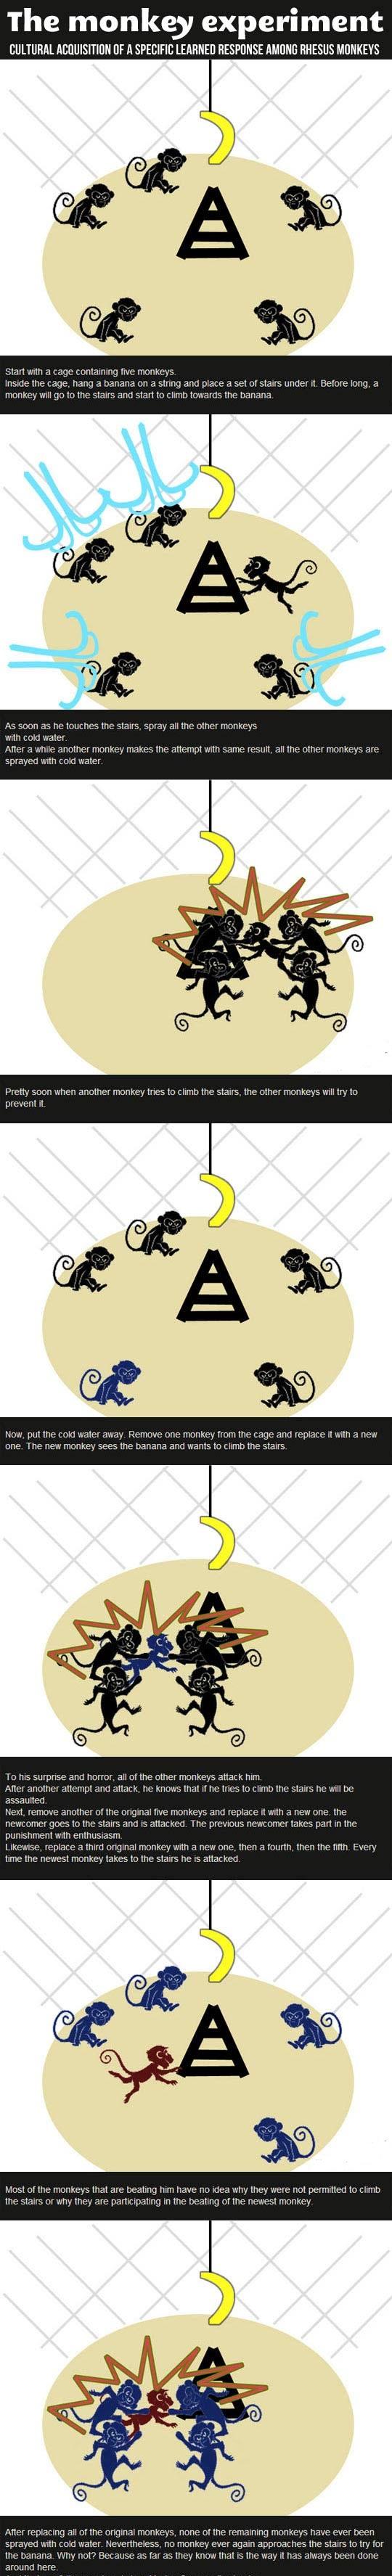 monkey-experiment